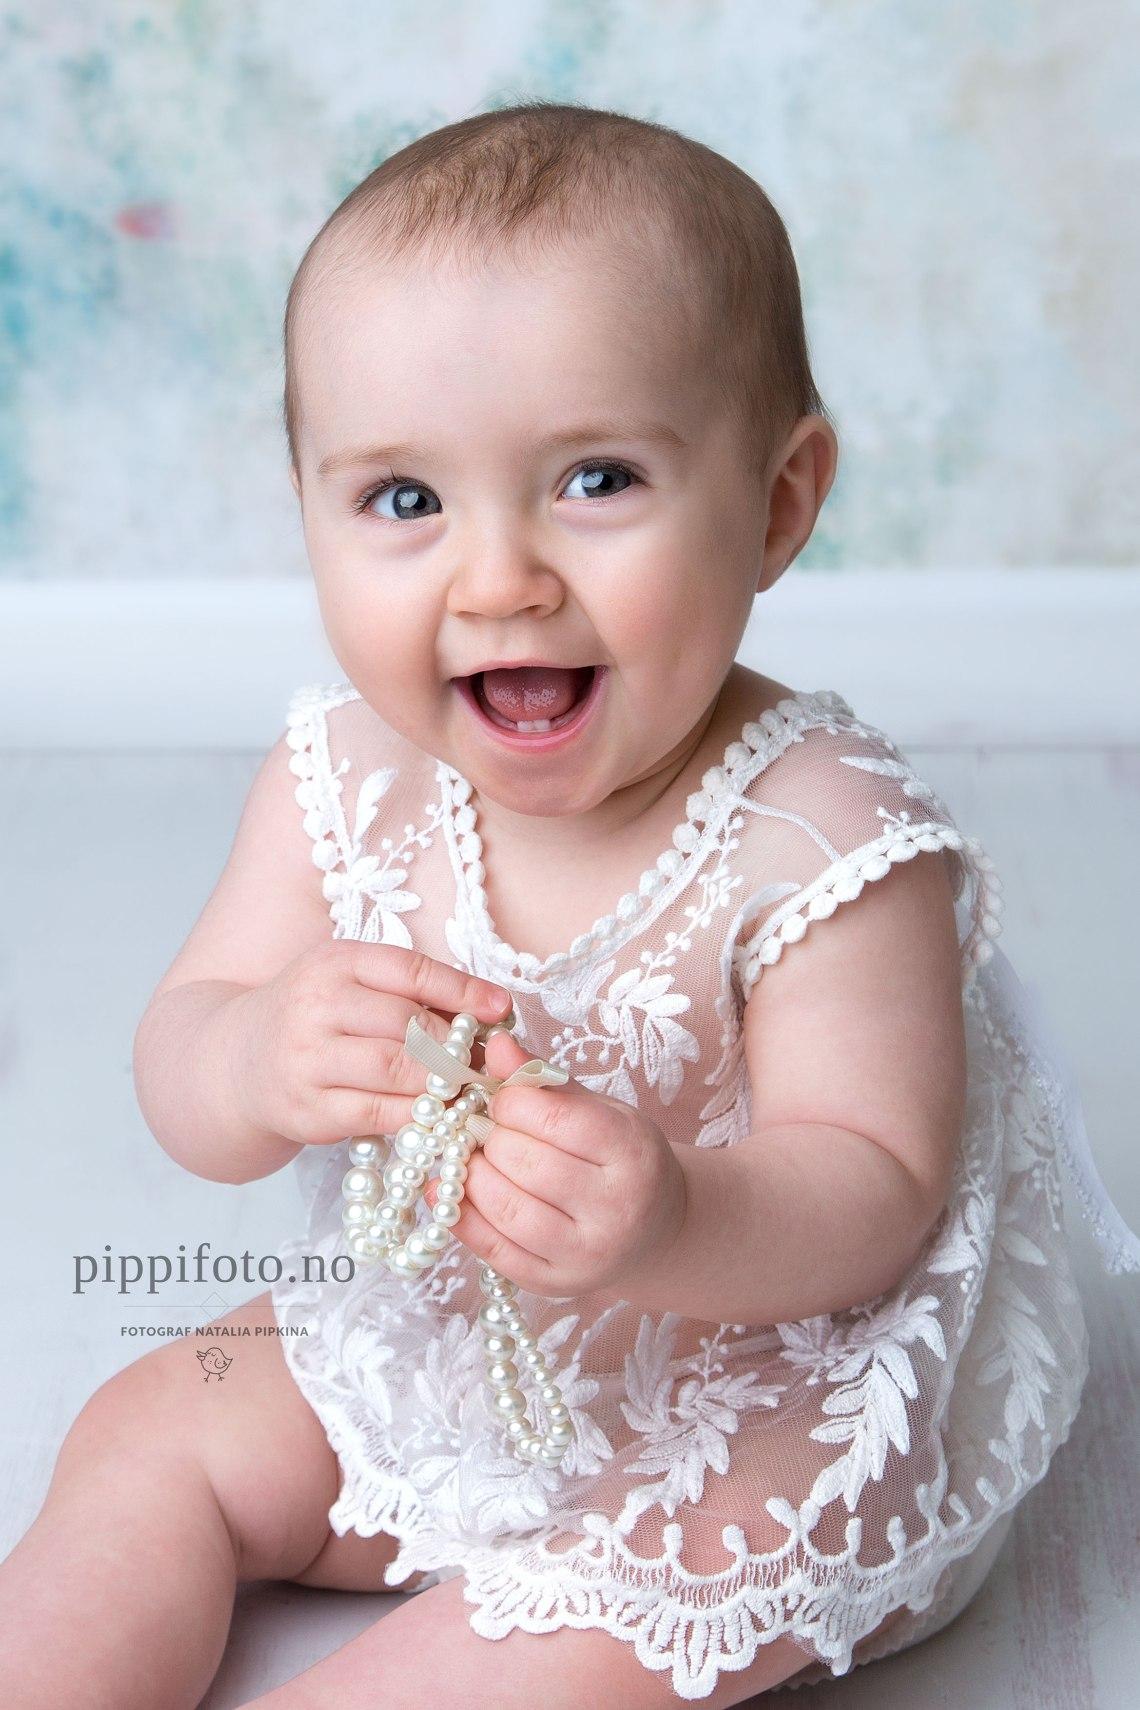 babyfotografering-babybilder-babyfotografering-oslo-babyfotograf